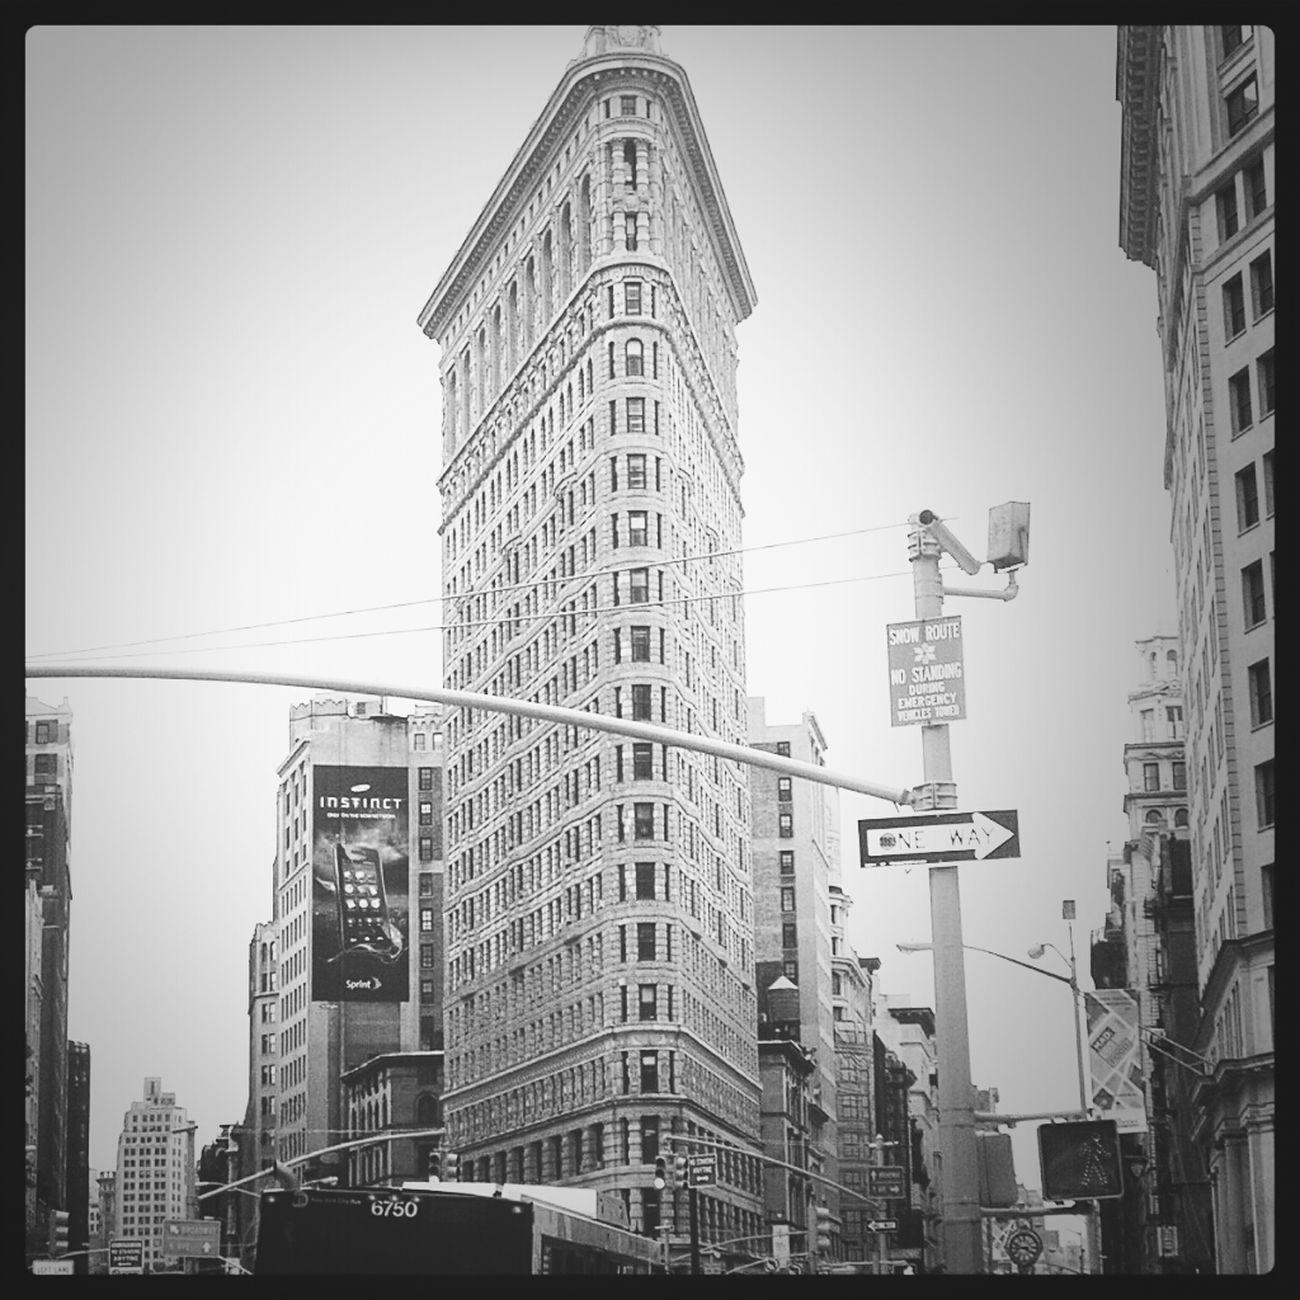 Streetphotography New York Fotodroiding Photo Monochrome Streetphoto_bw Bnw Bnwitalian